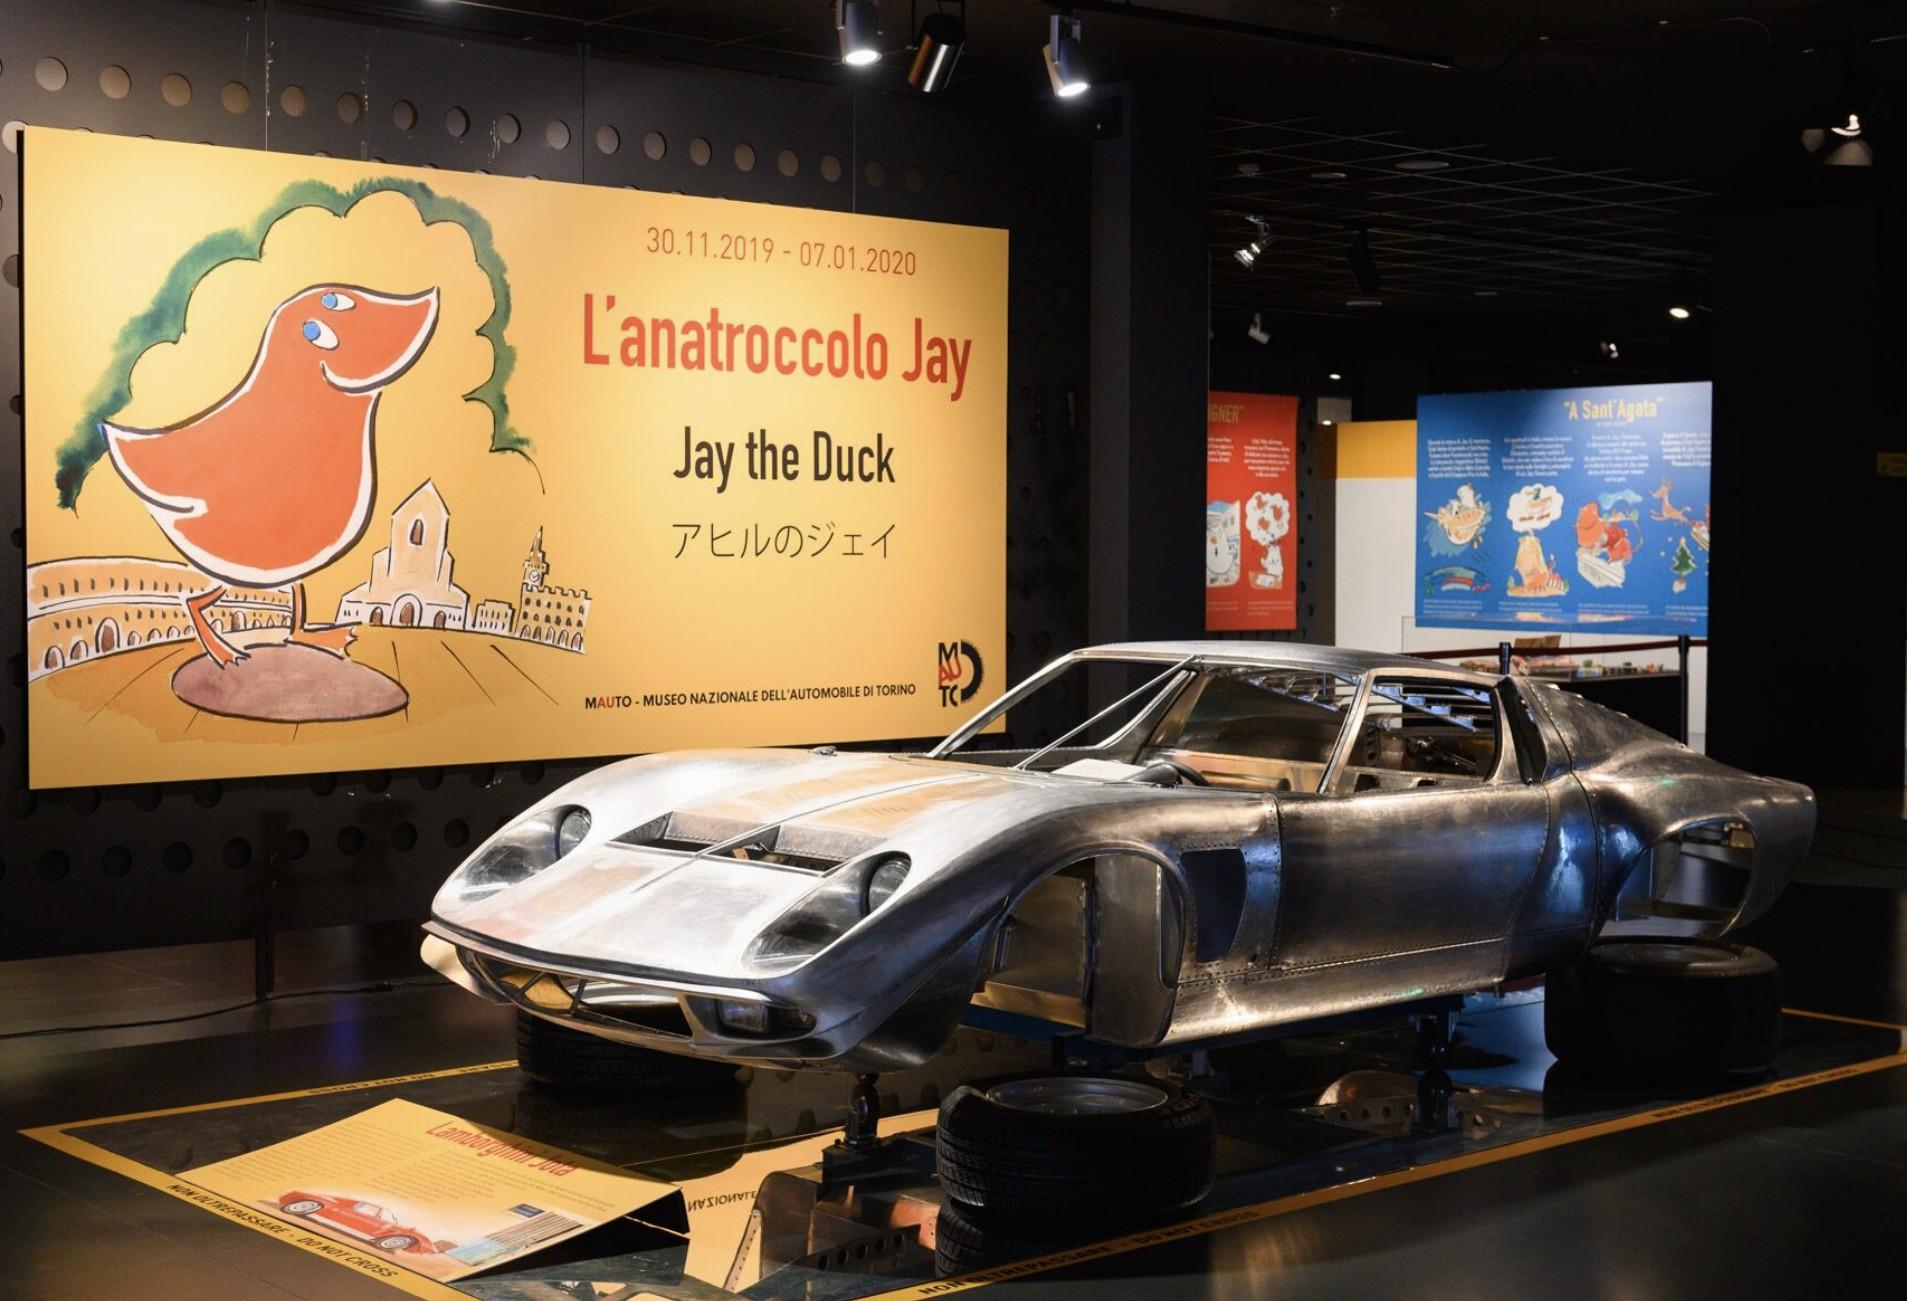 イタリア トリノ国立自動車博物館を「アヒルのジェイ」がジャックしました!